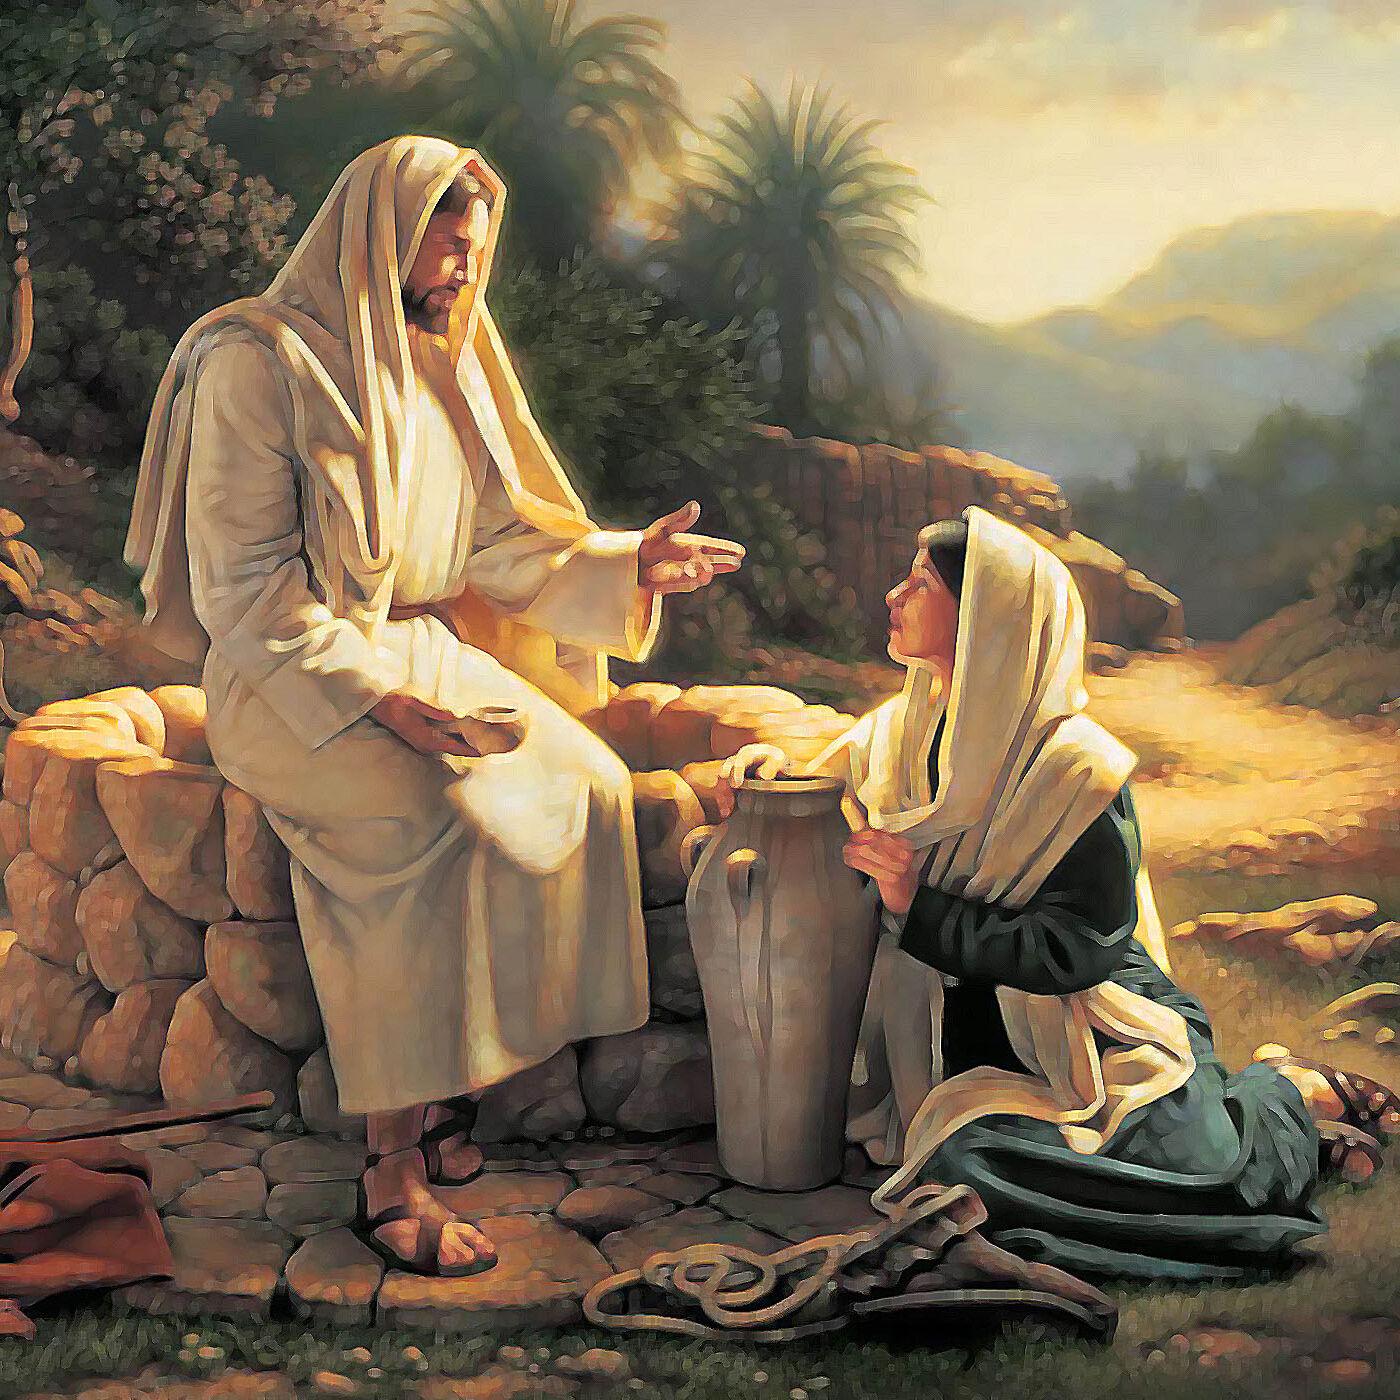 riflessioni sul Vangelo di Giovedì 29 Aprile 2021 (Mt 25, 1-13) - Apostola Briana